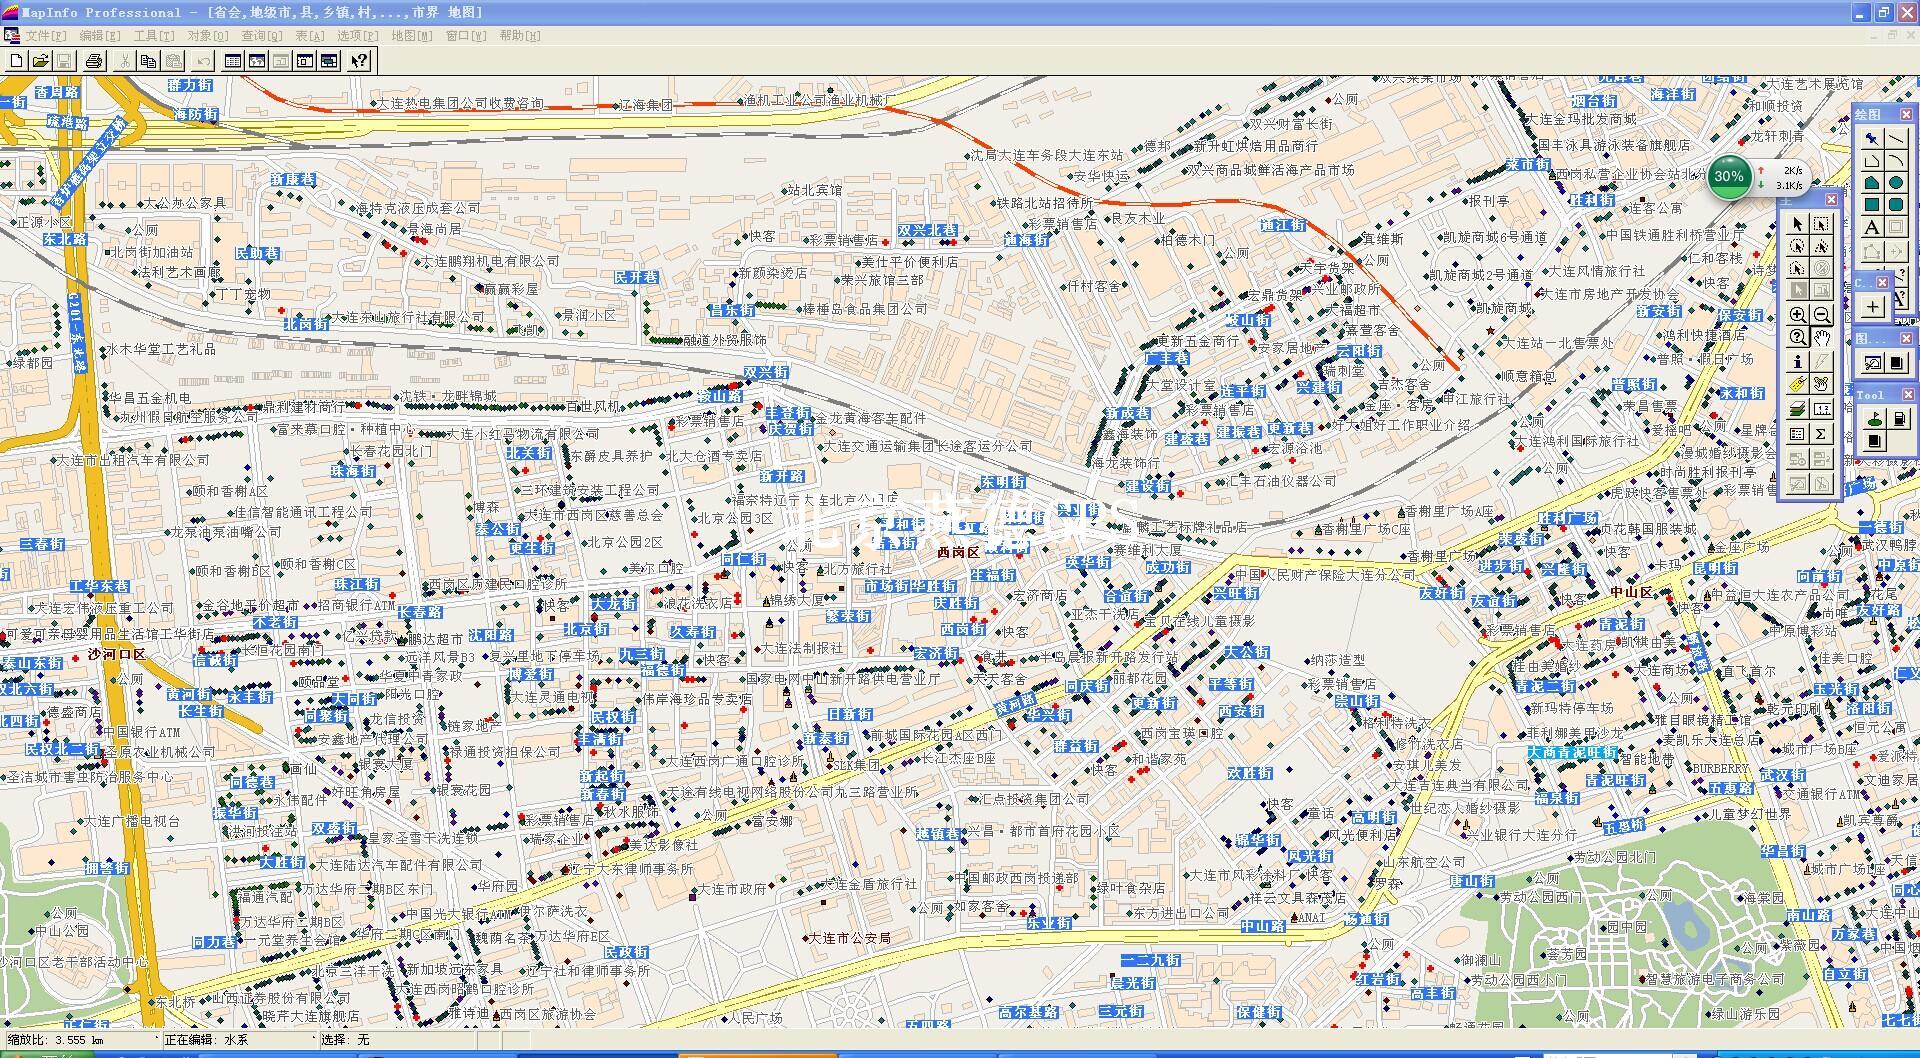 大连市2000比例尺地图